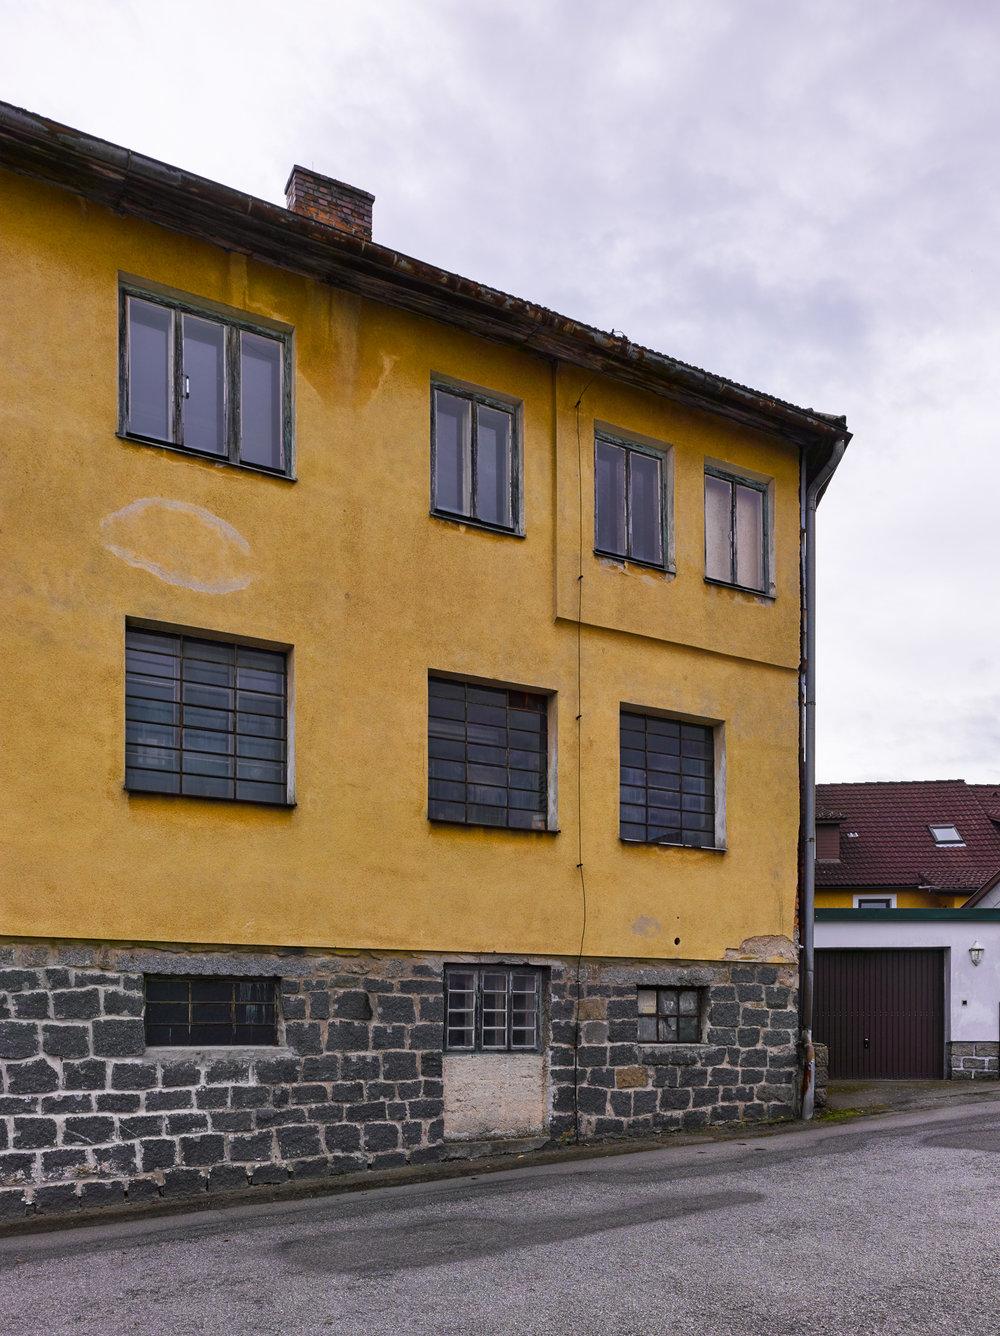 Textilfabrik Heidenreichstein.jpg